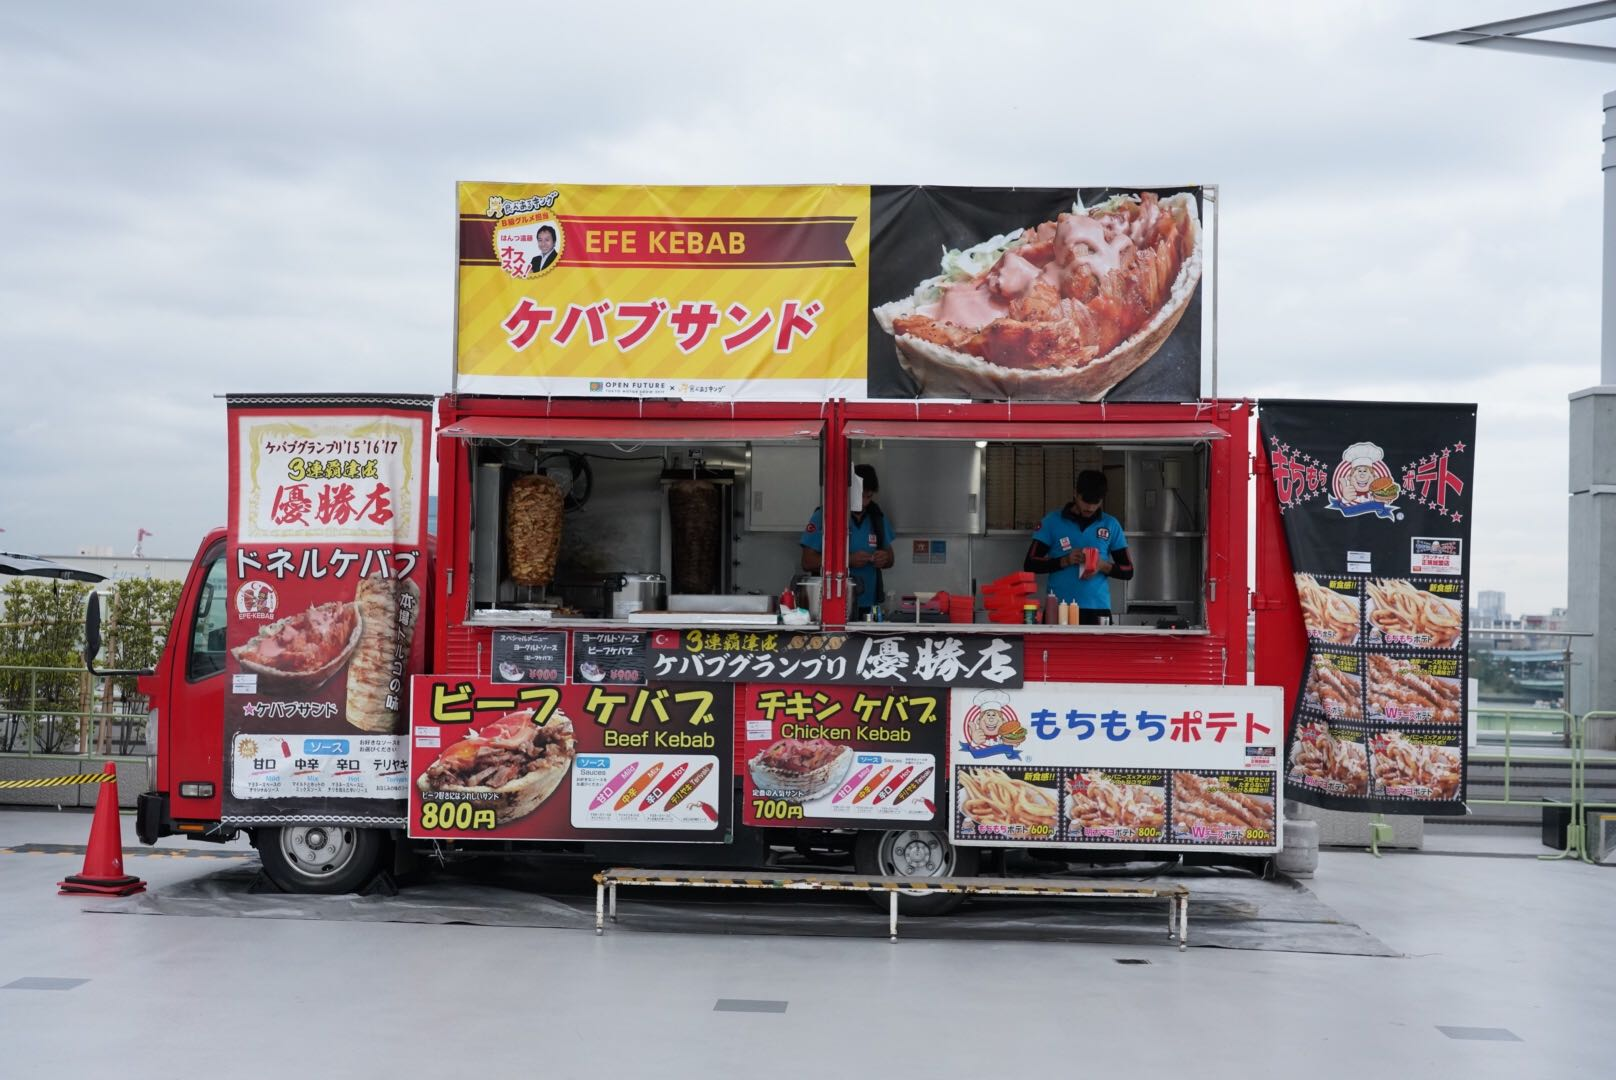 FEF_KEBAB グルメキングダム 東京モーターショー2019